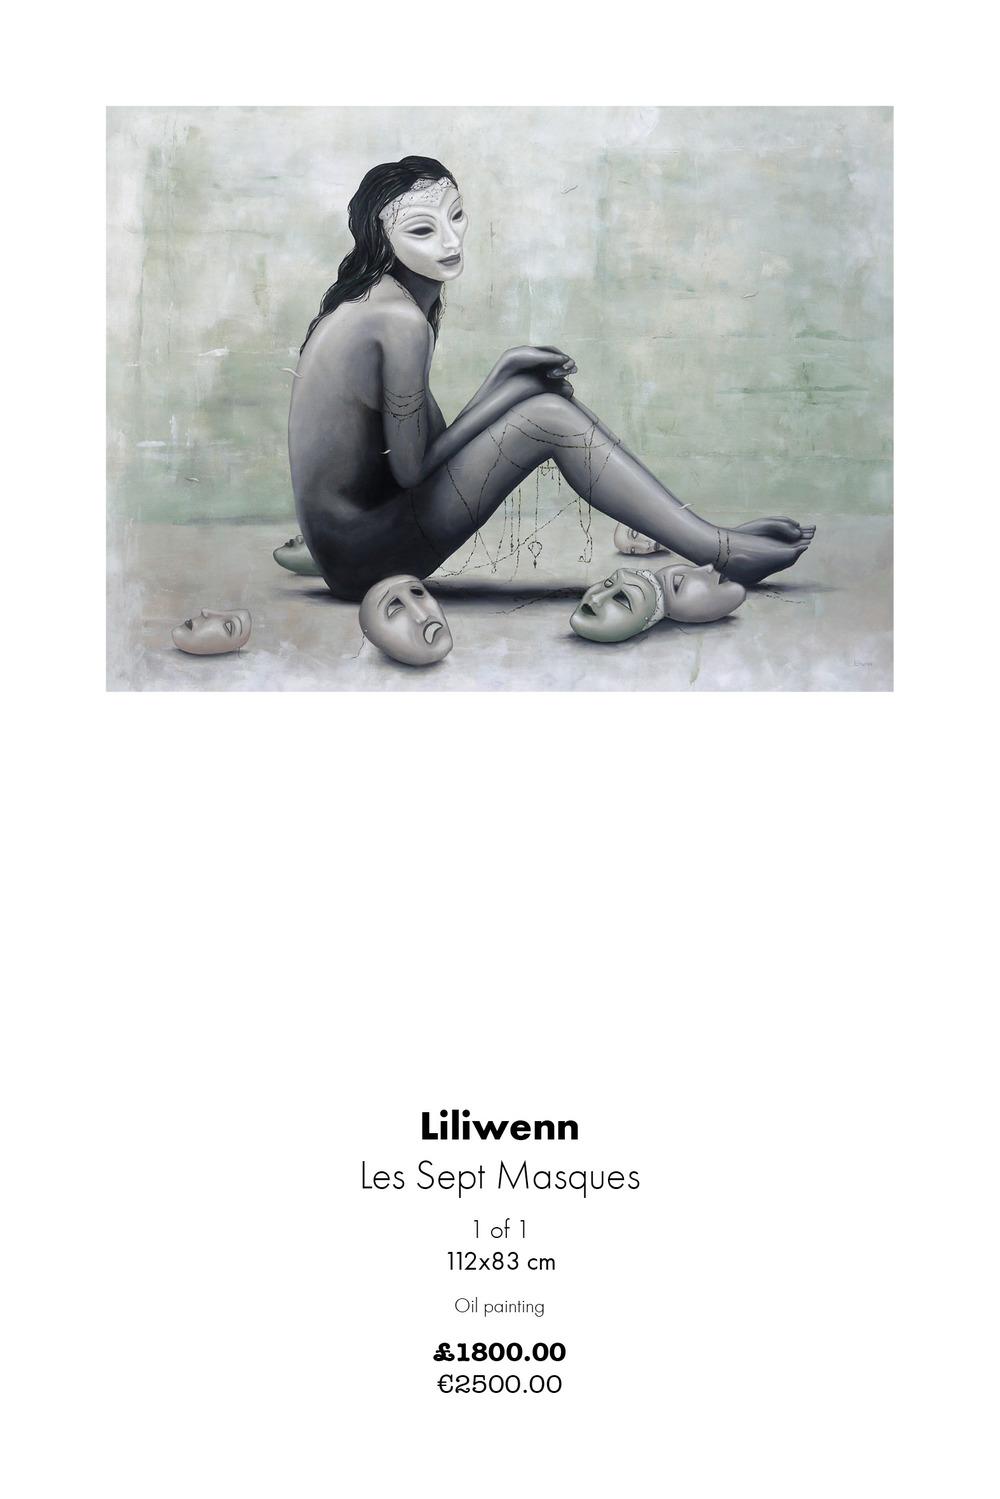 ARTWORKS_226.jpg